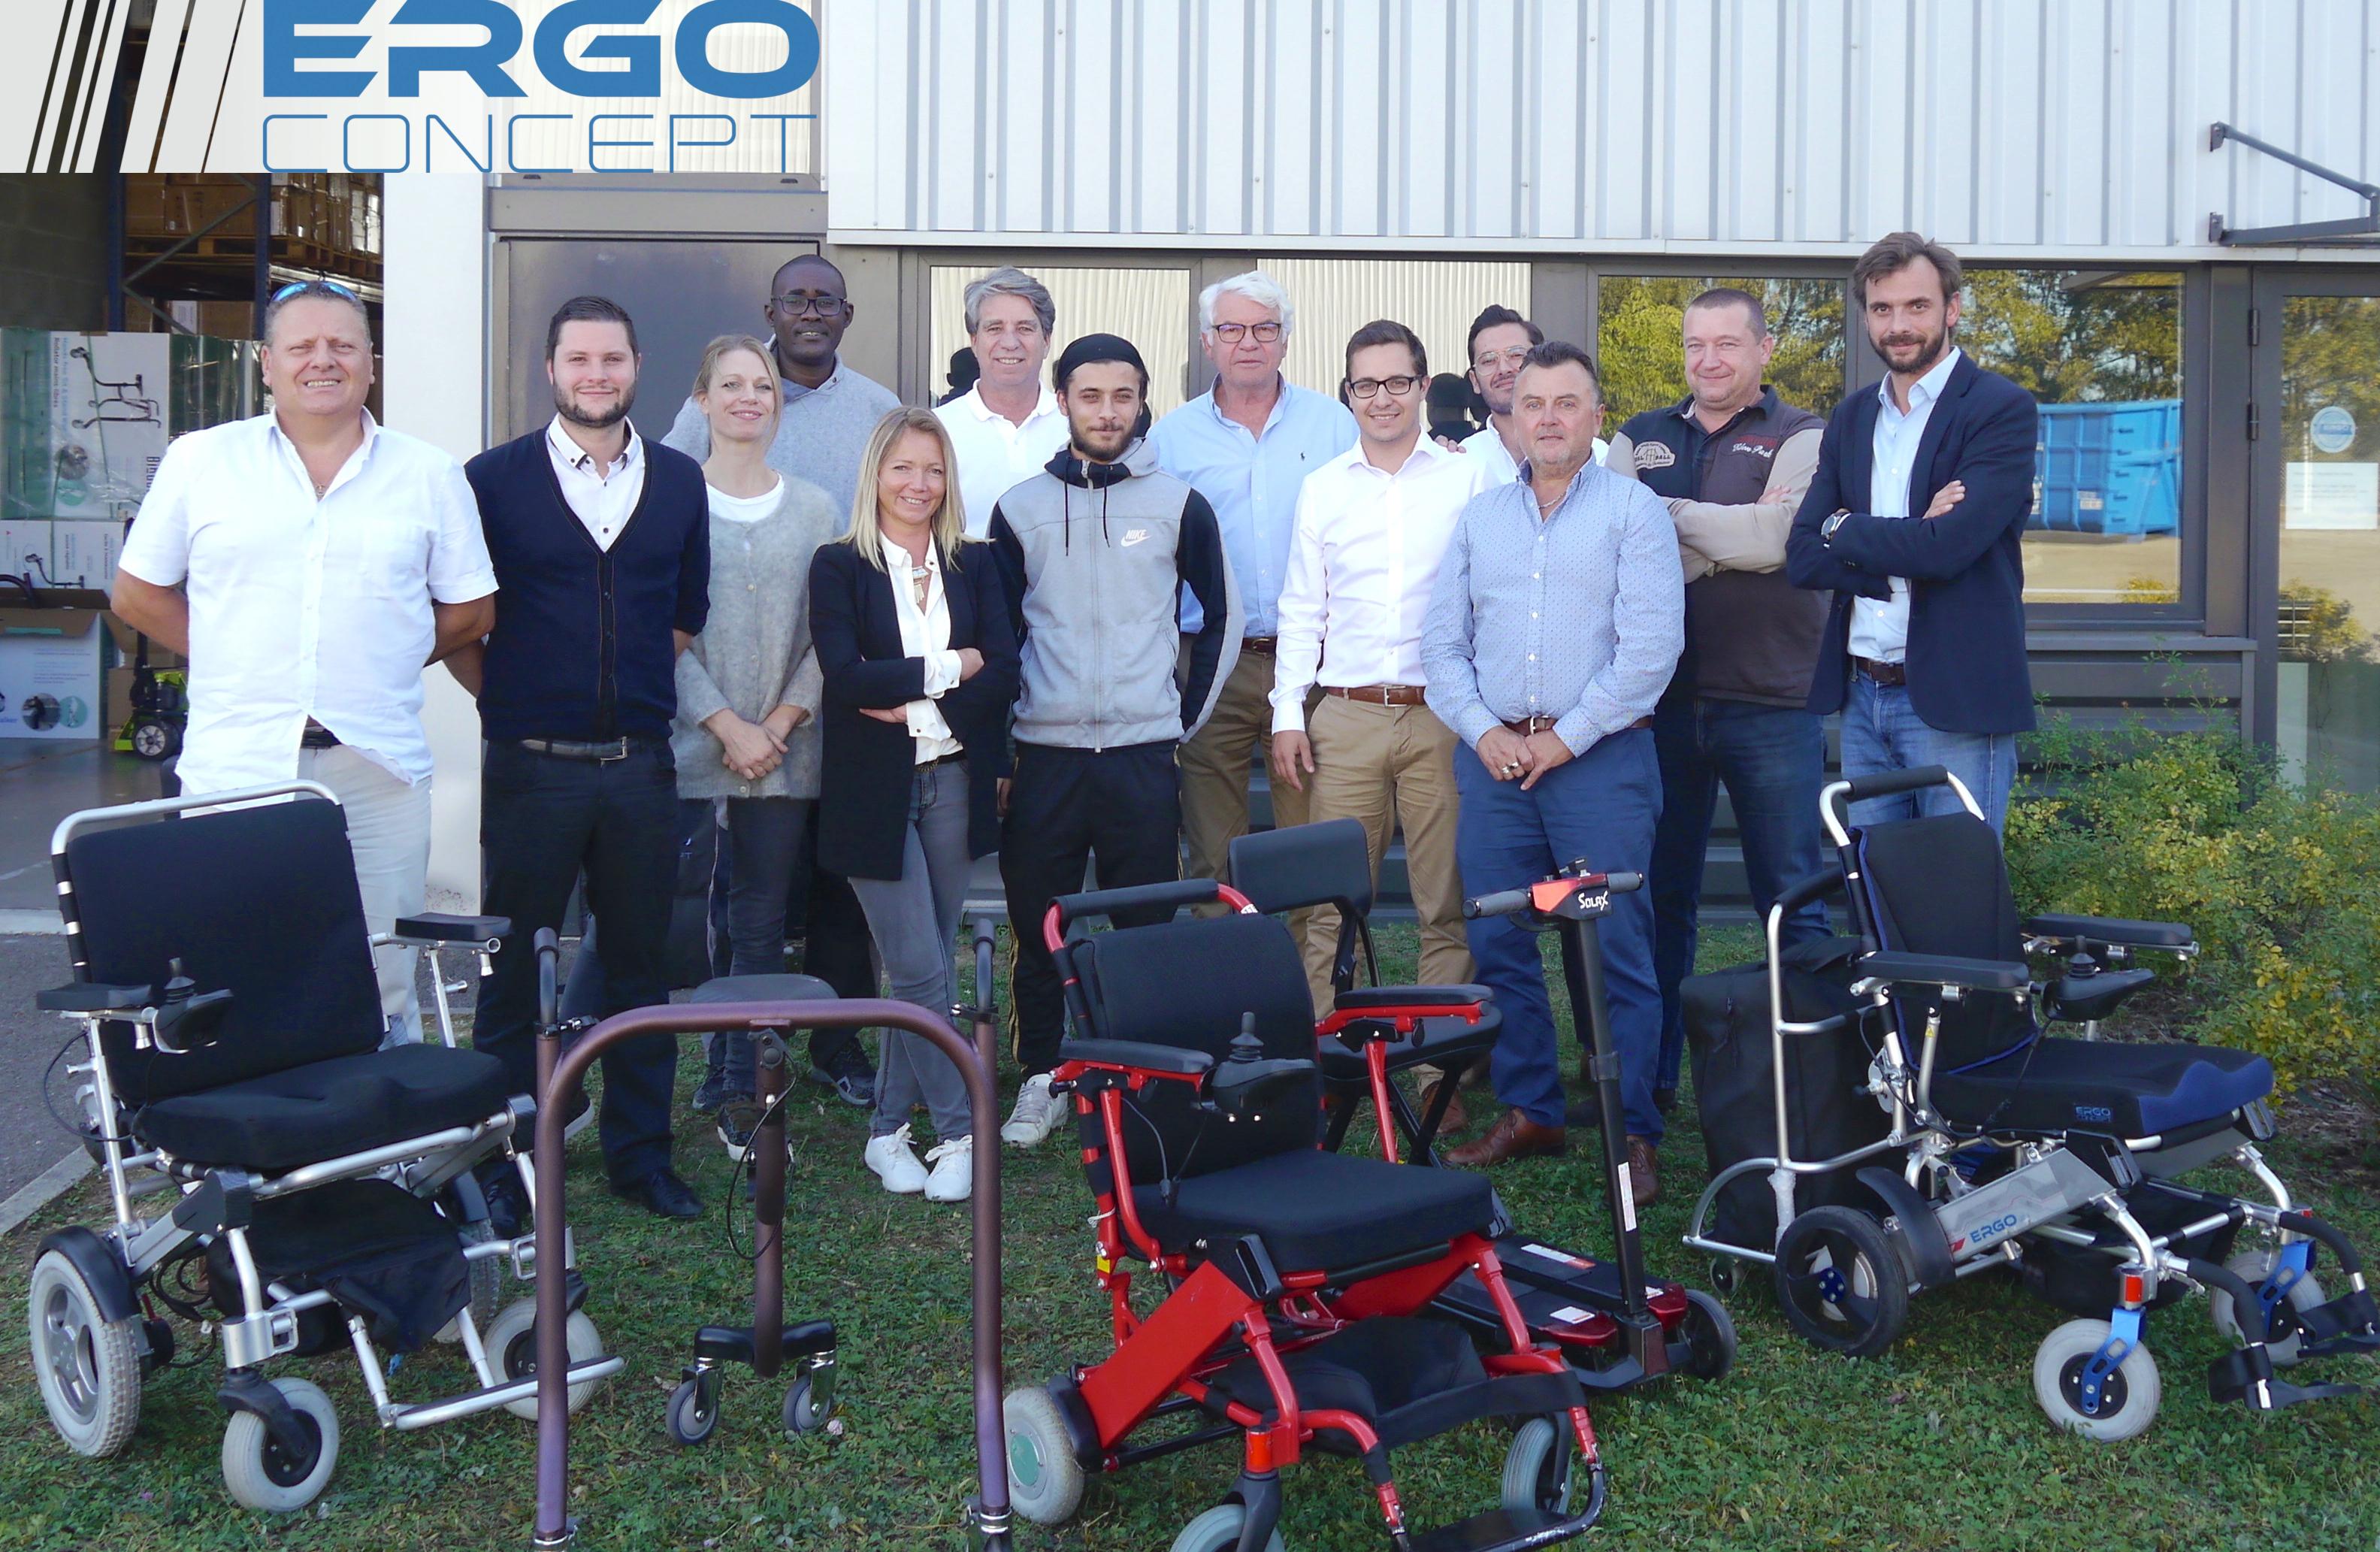 Équipe ErgoConcept - Fauteuils et scooter électrique pliable